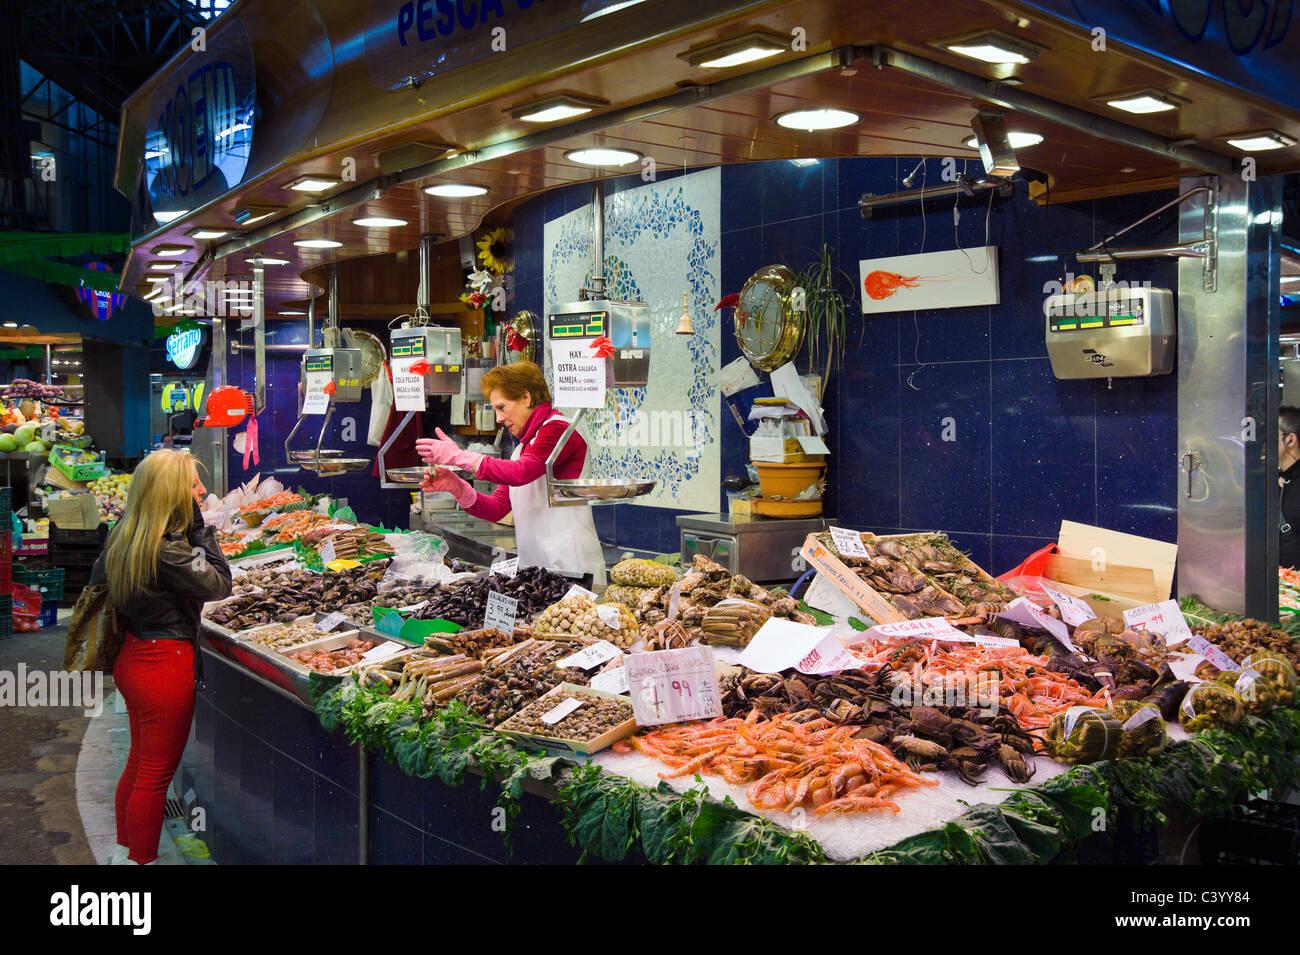 Seafood stall in La Boqueria public market, La Rambla (Las Ramblas), Barcelona, Catalunya, Spain - Stock Image